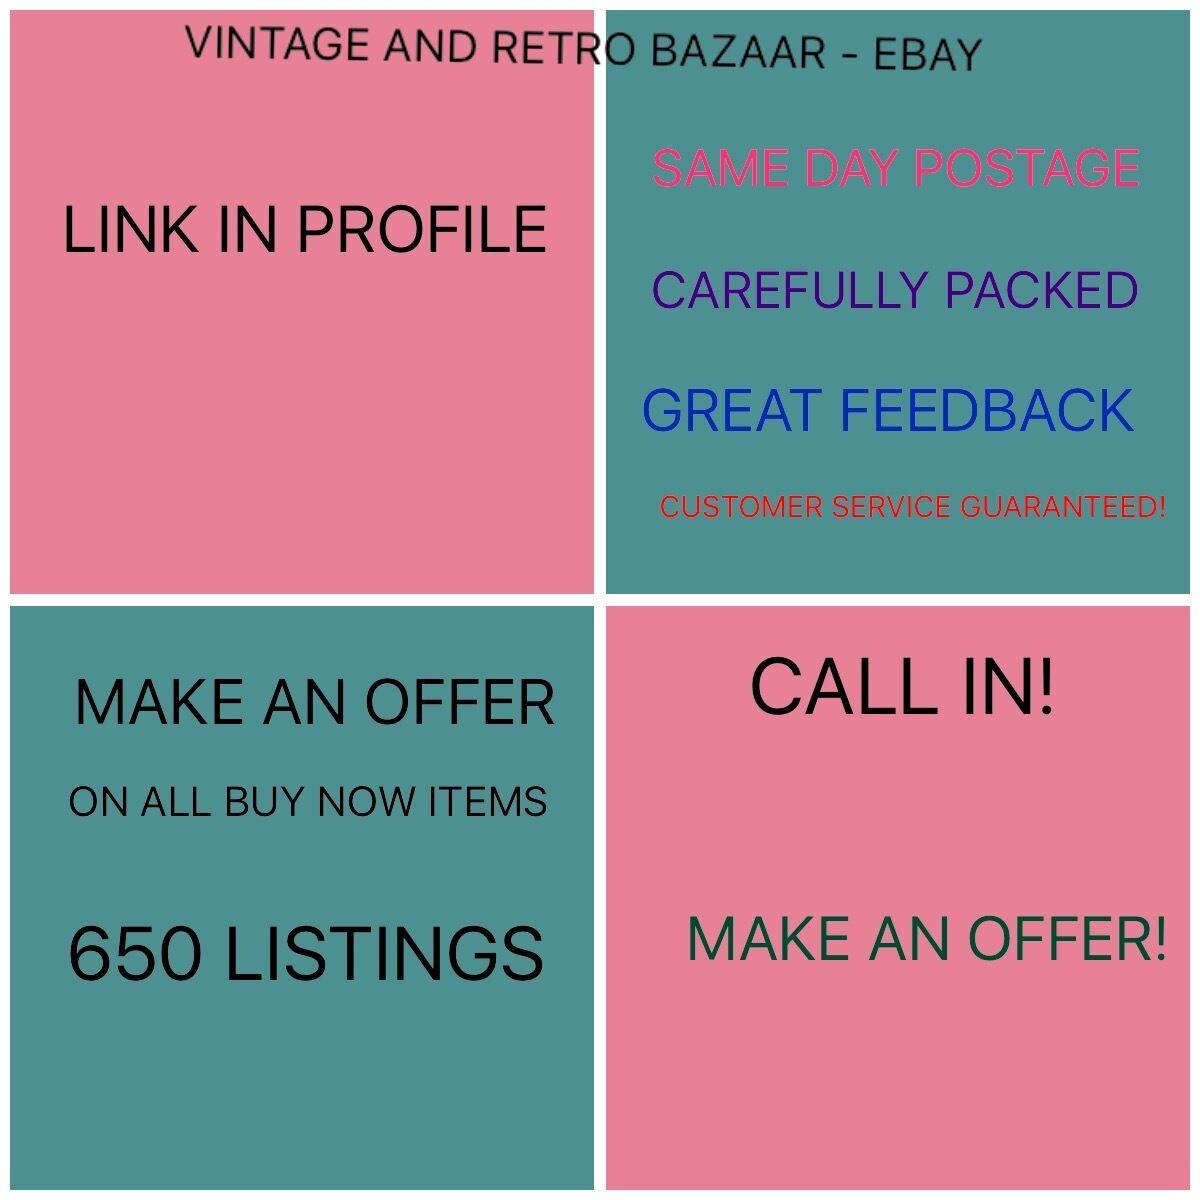 Vintage and Retro Bazaar